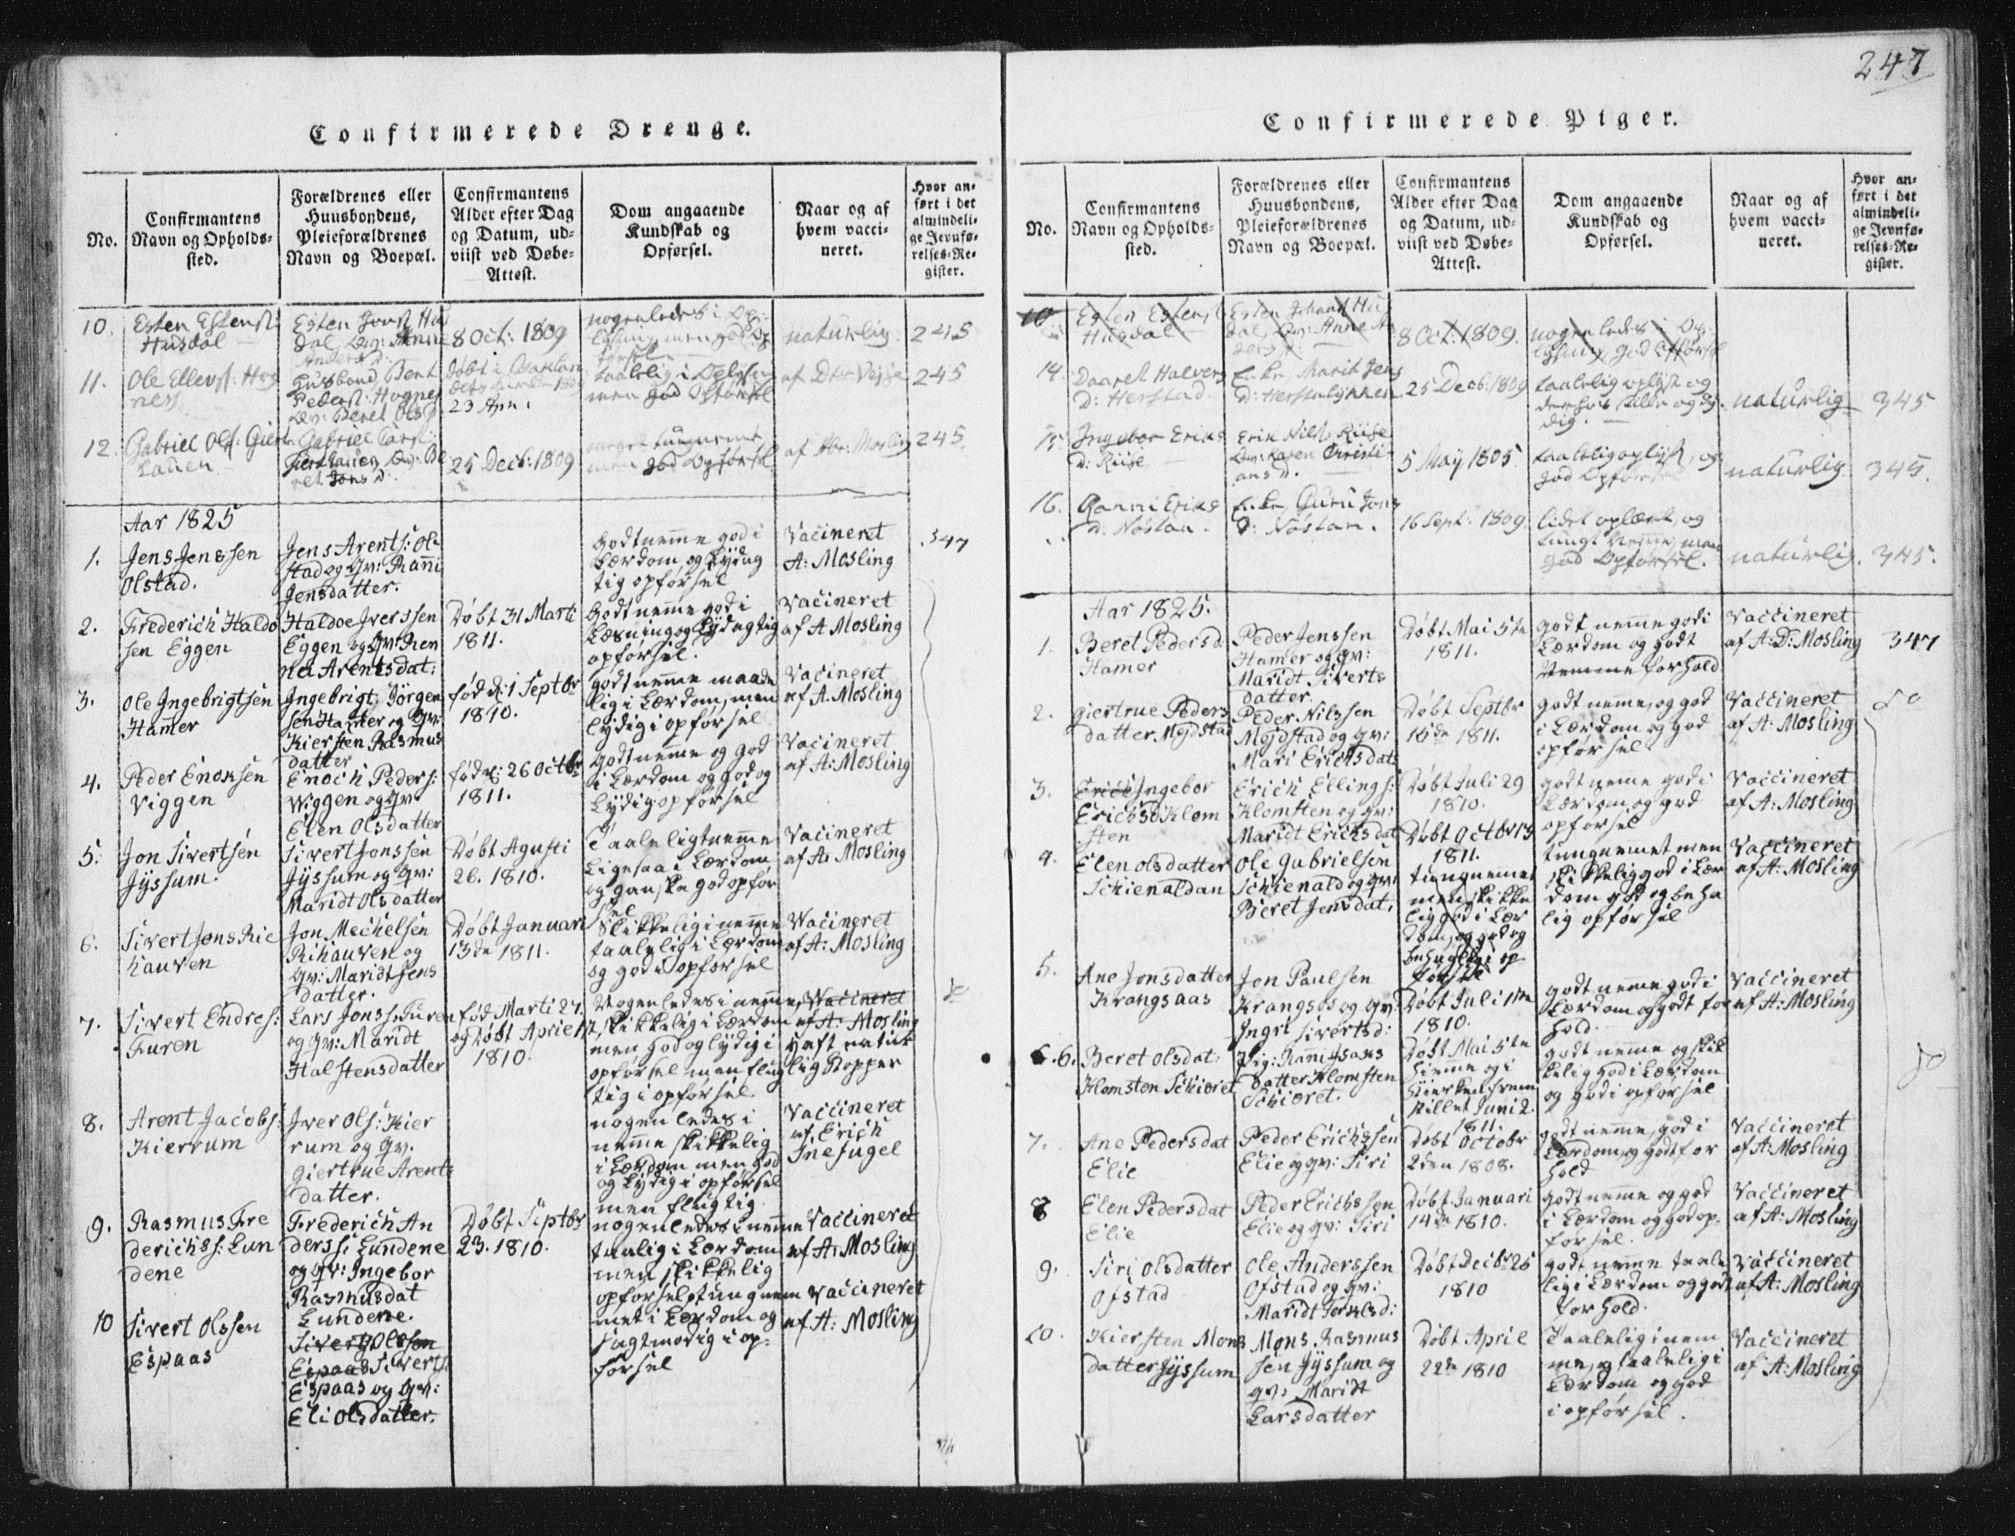 SAT, Ministerialprotokoller, klokkerbøker og fødselsregistre - Sør-Trøndelag, 665/L0770: Ministerialbok nr. 665A05, 1817-1829, s. 247